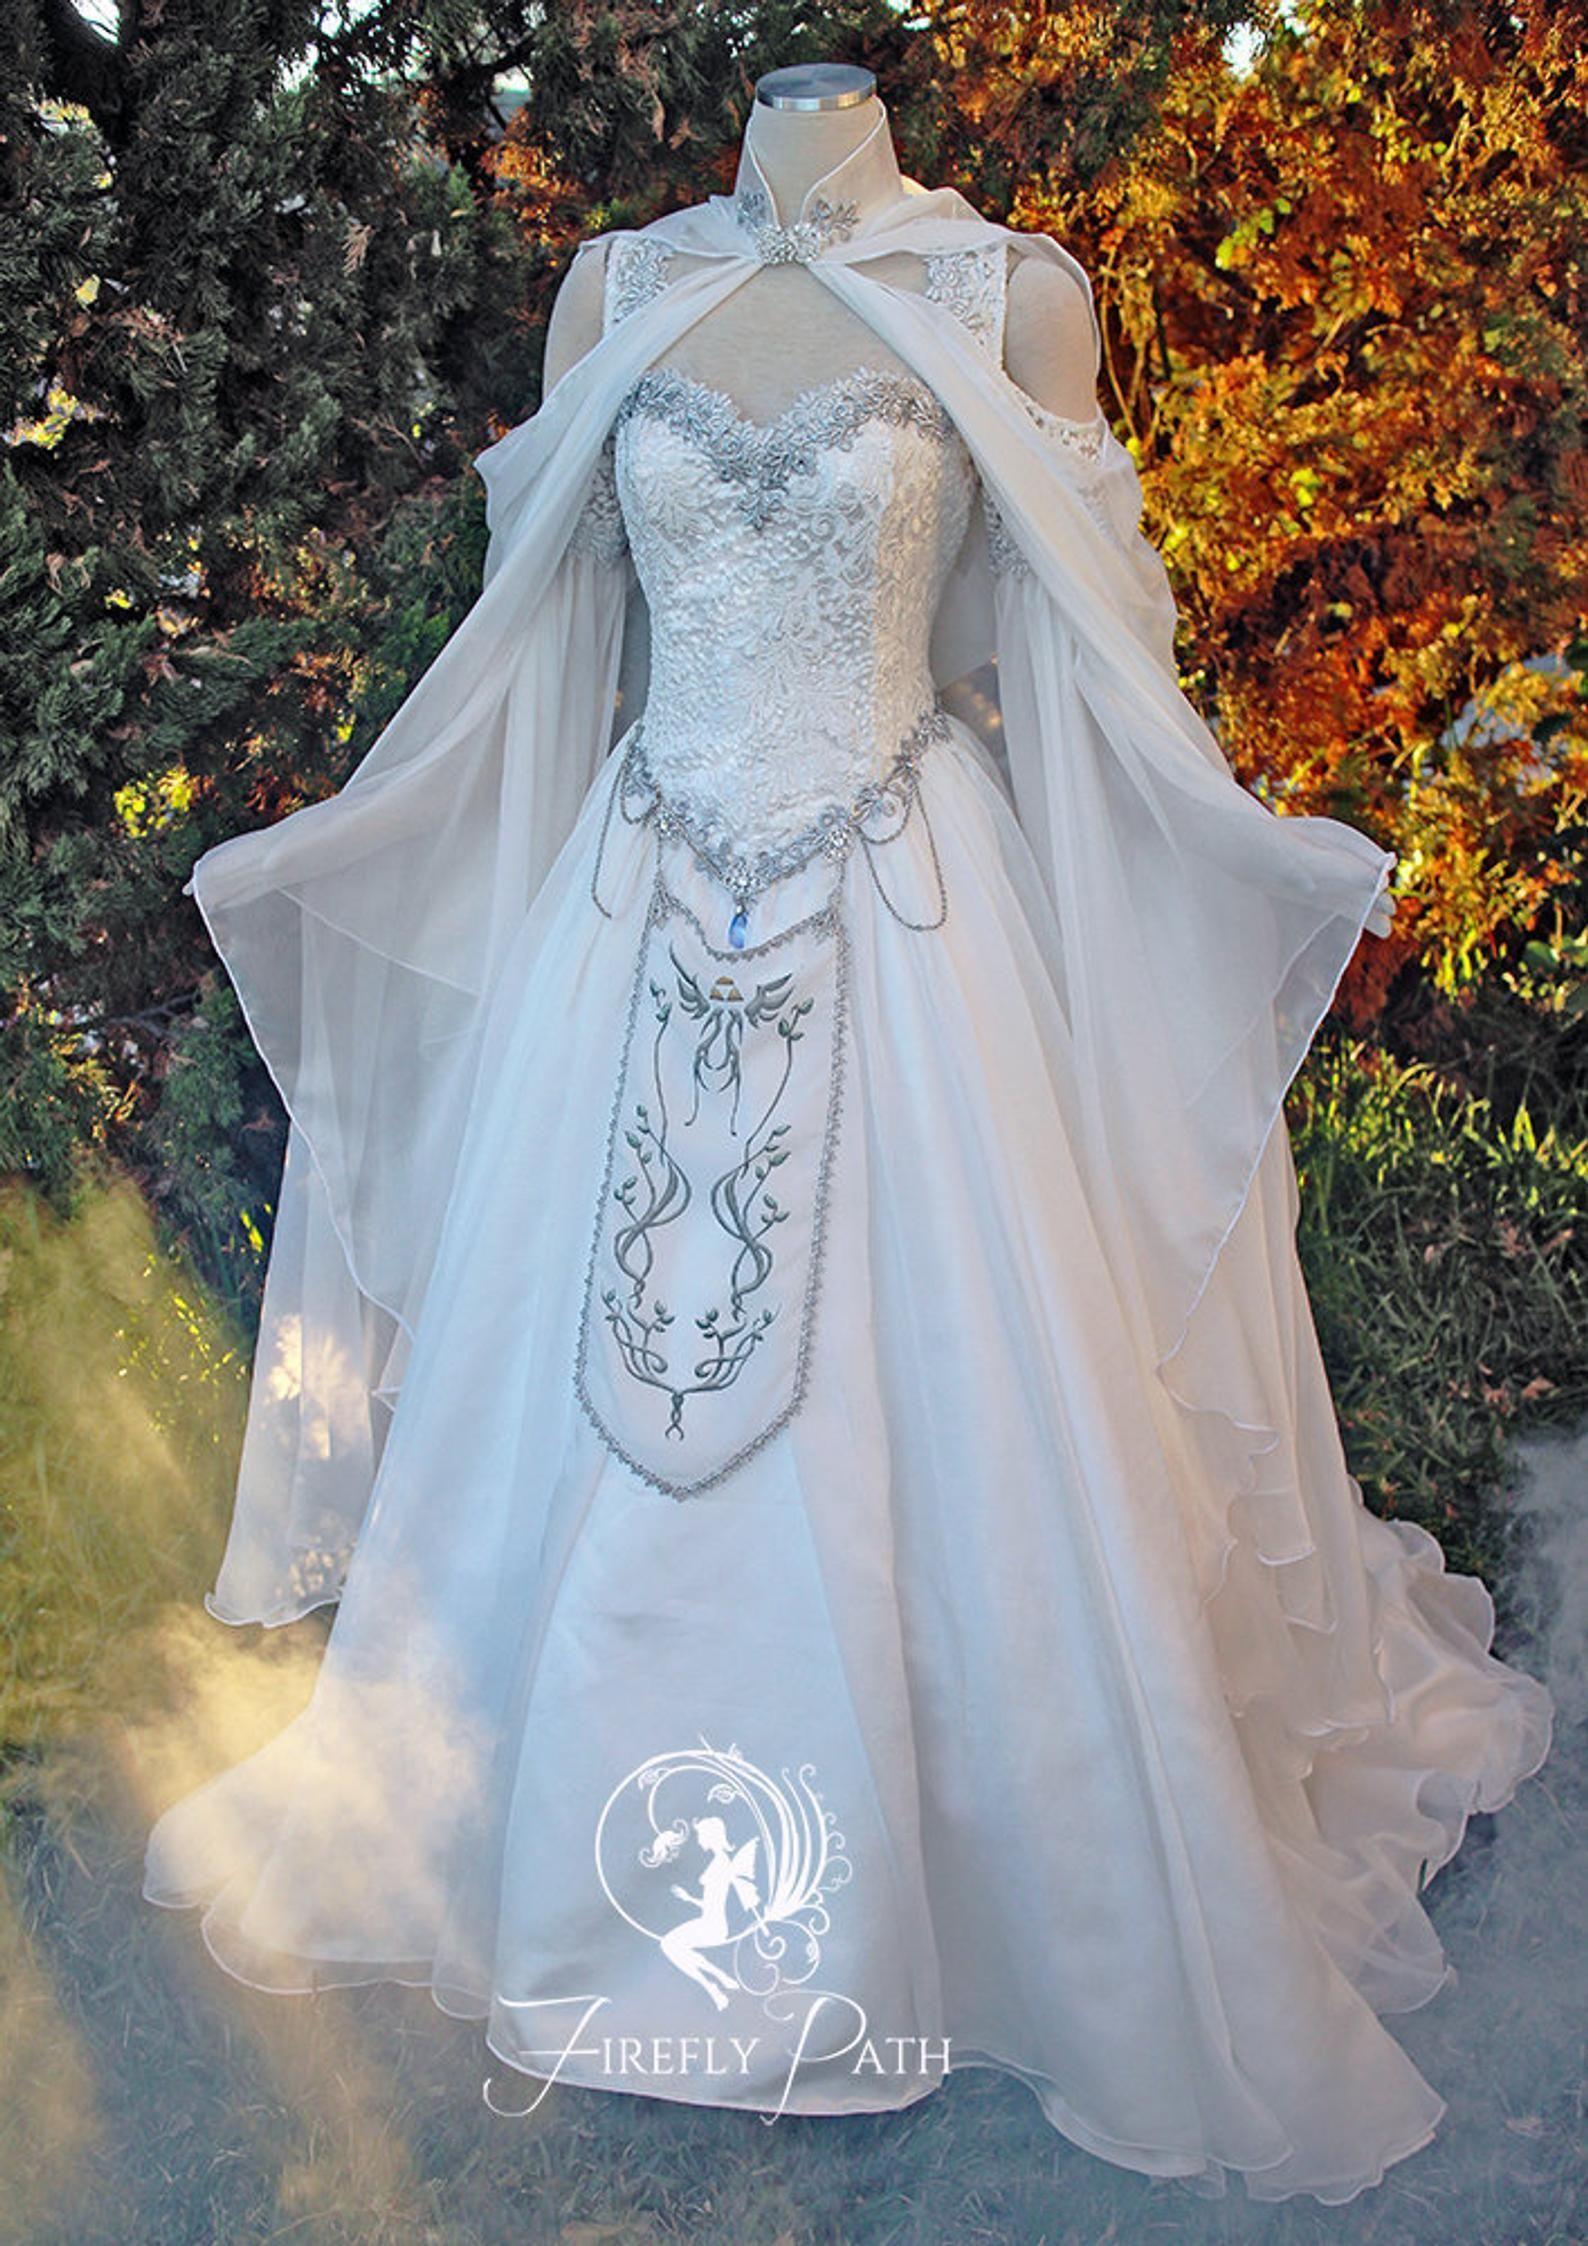 Este artículo no está disponible #fancydress Hyrule Dress | Etsy